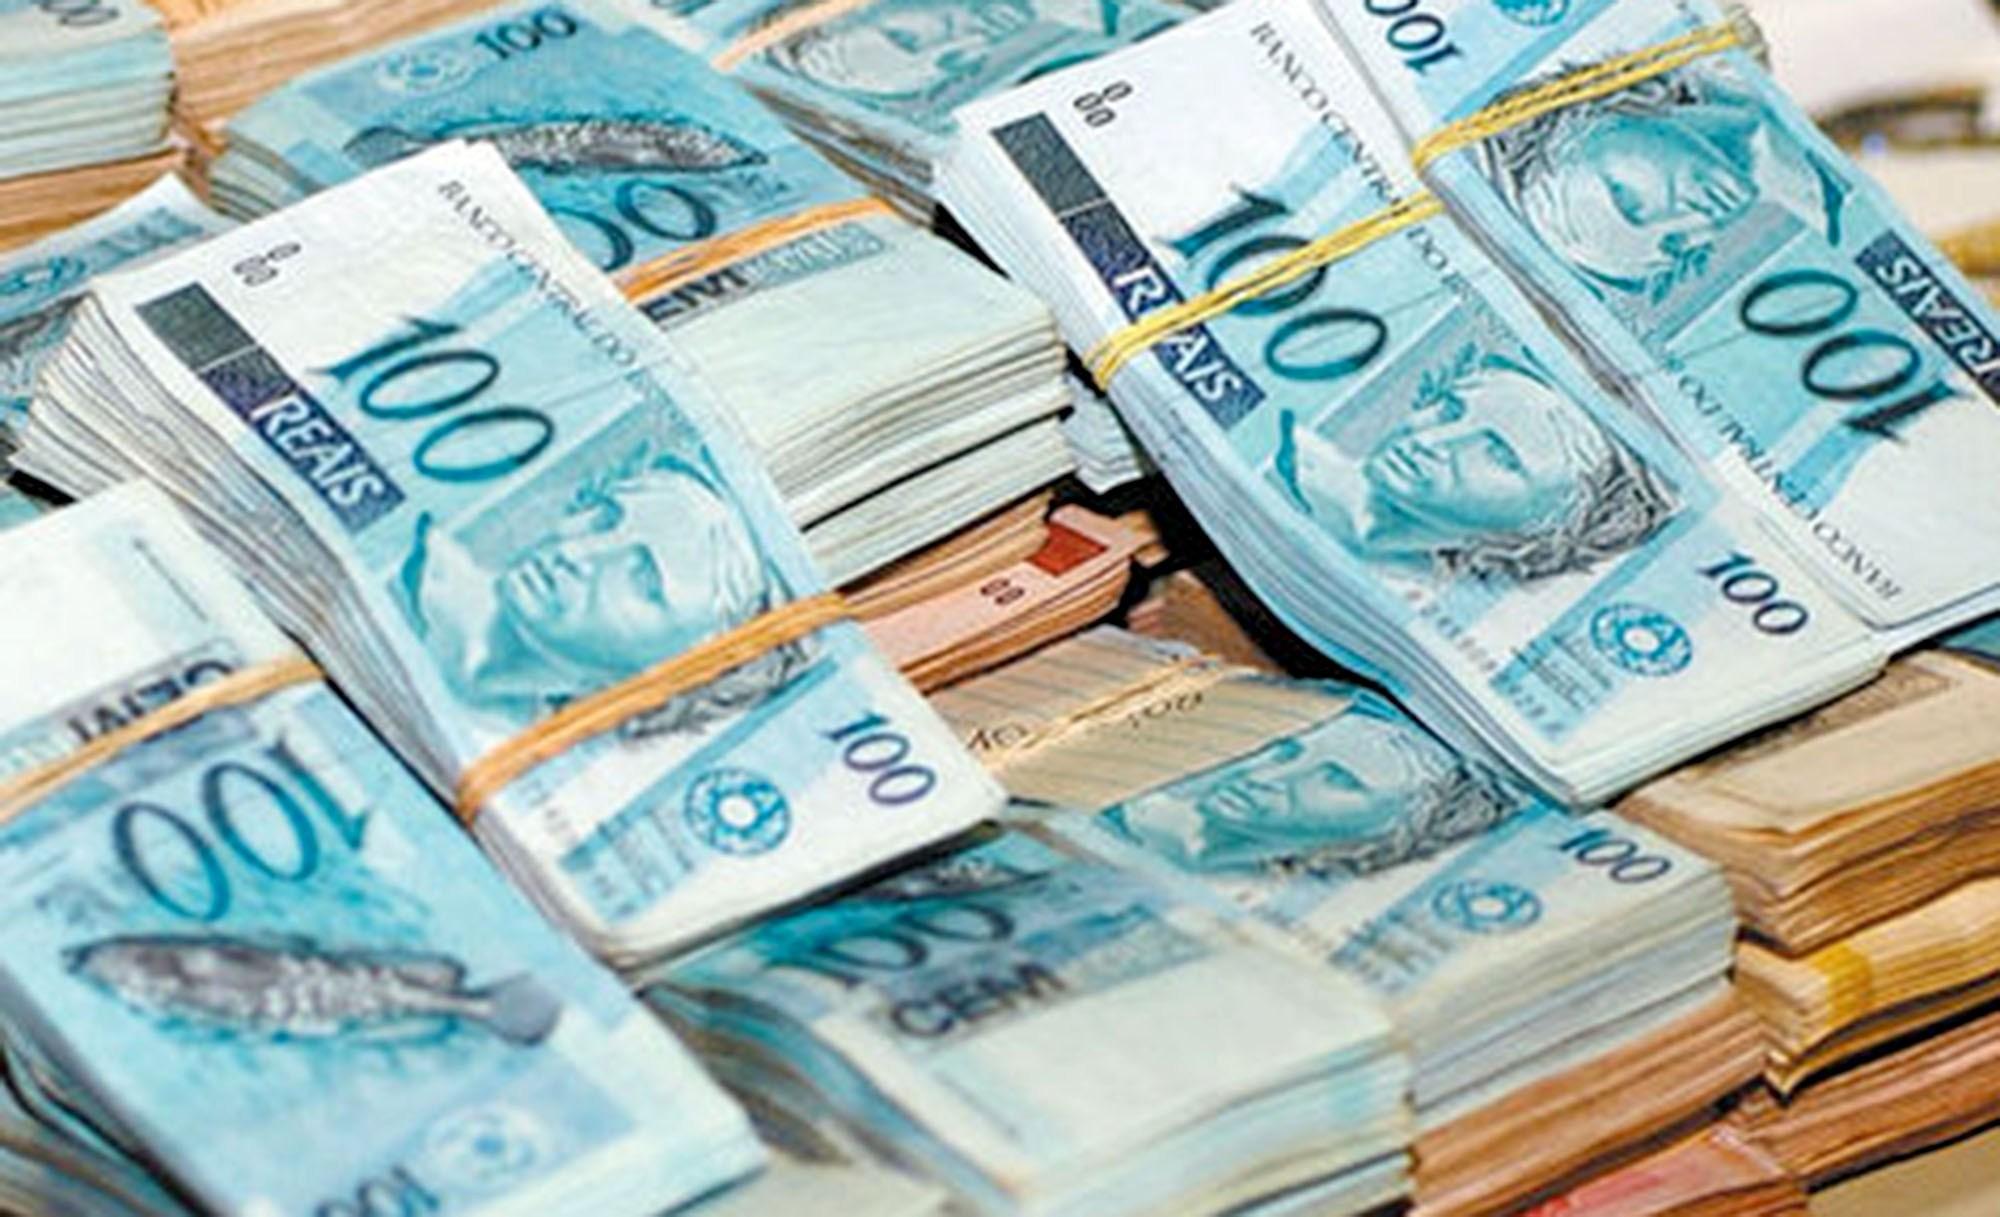 Municípios de Mato Grosso recebem R$ 76,9 mi de adicional do FPM em dezembro